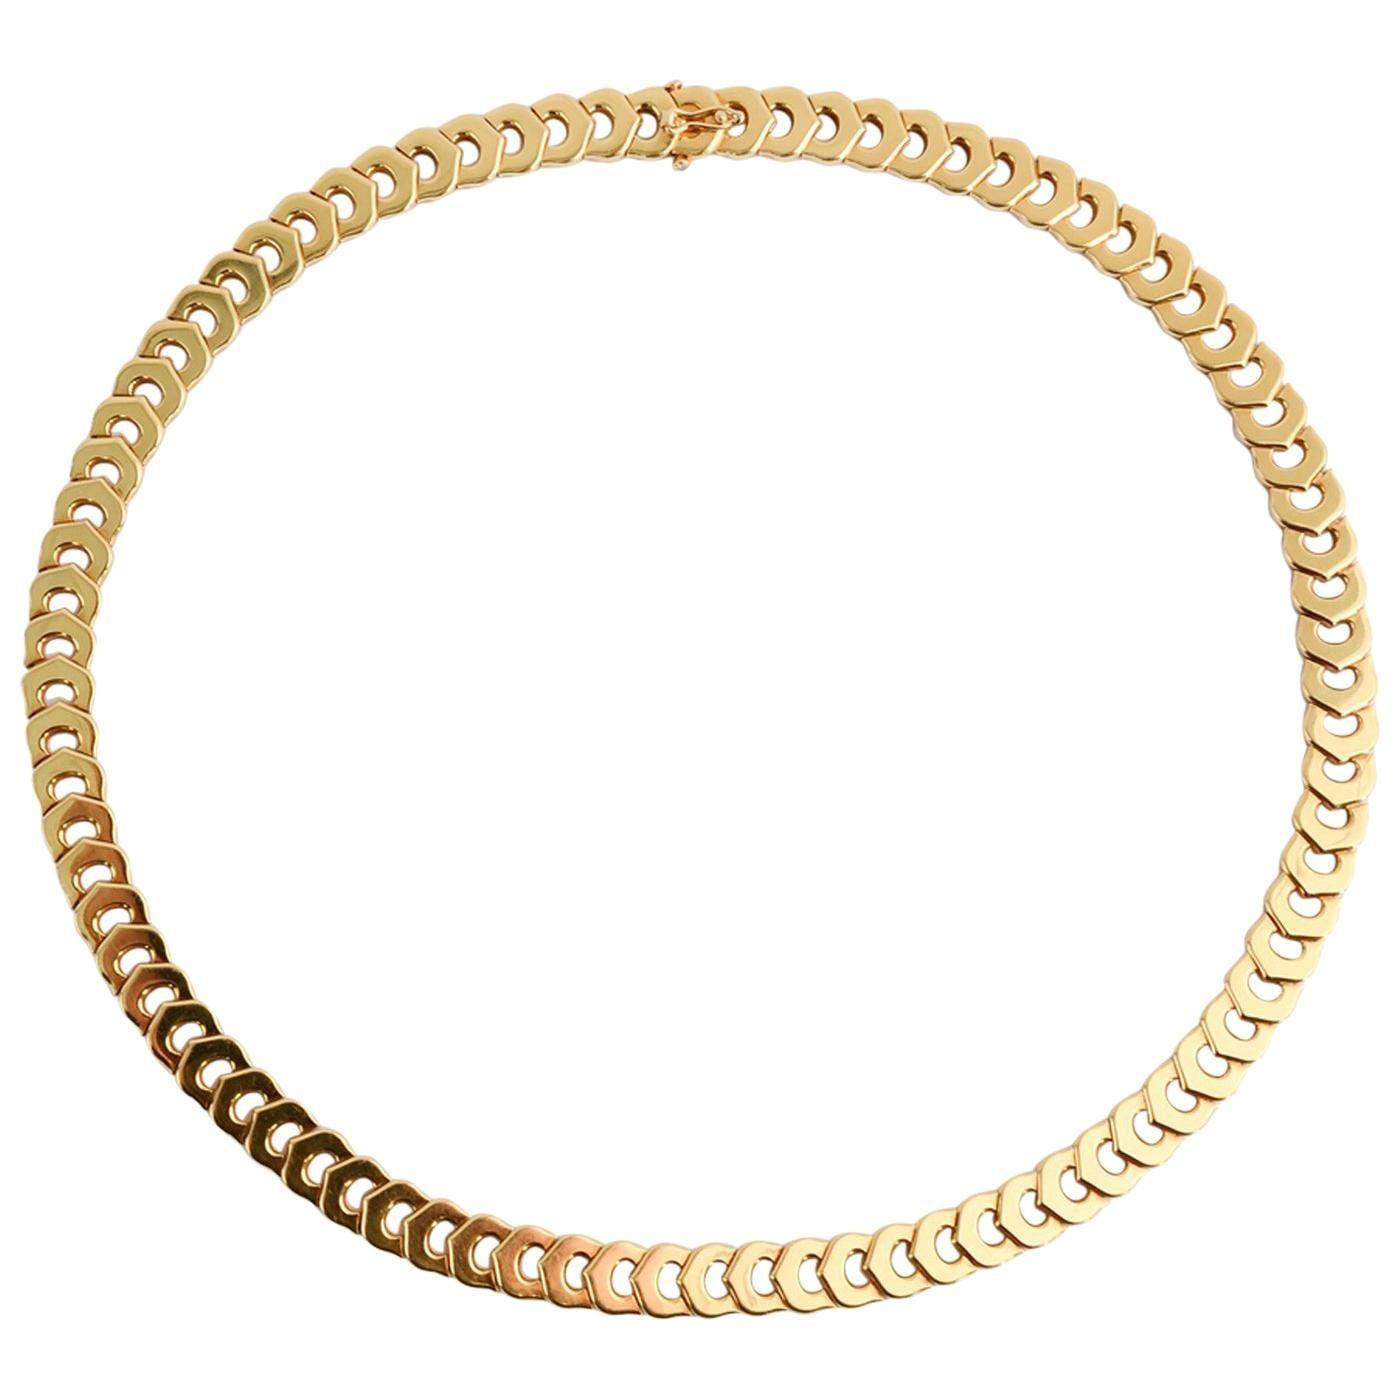 Cartier C de Cartier Gold Choker Necklace